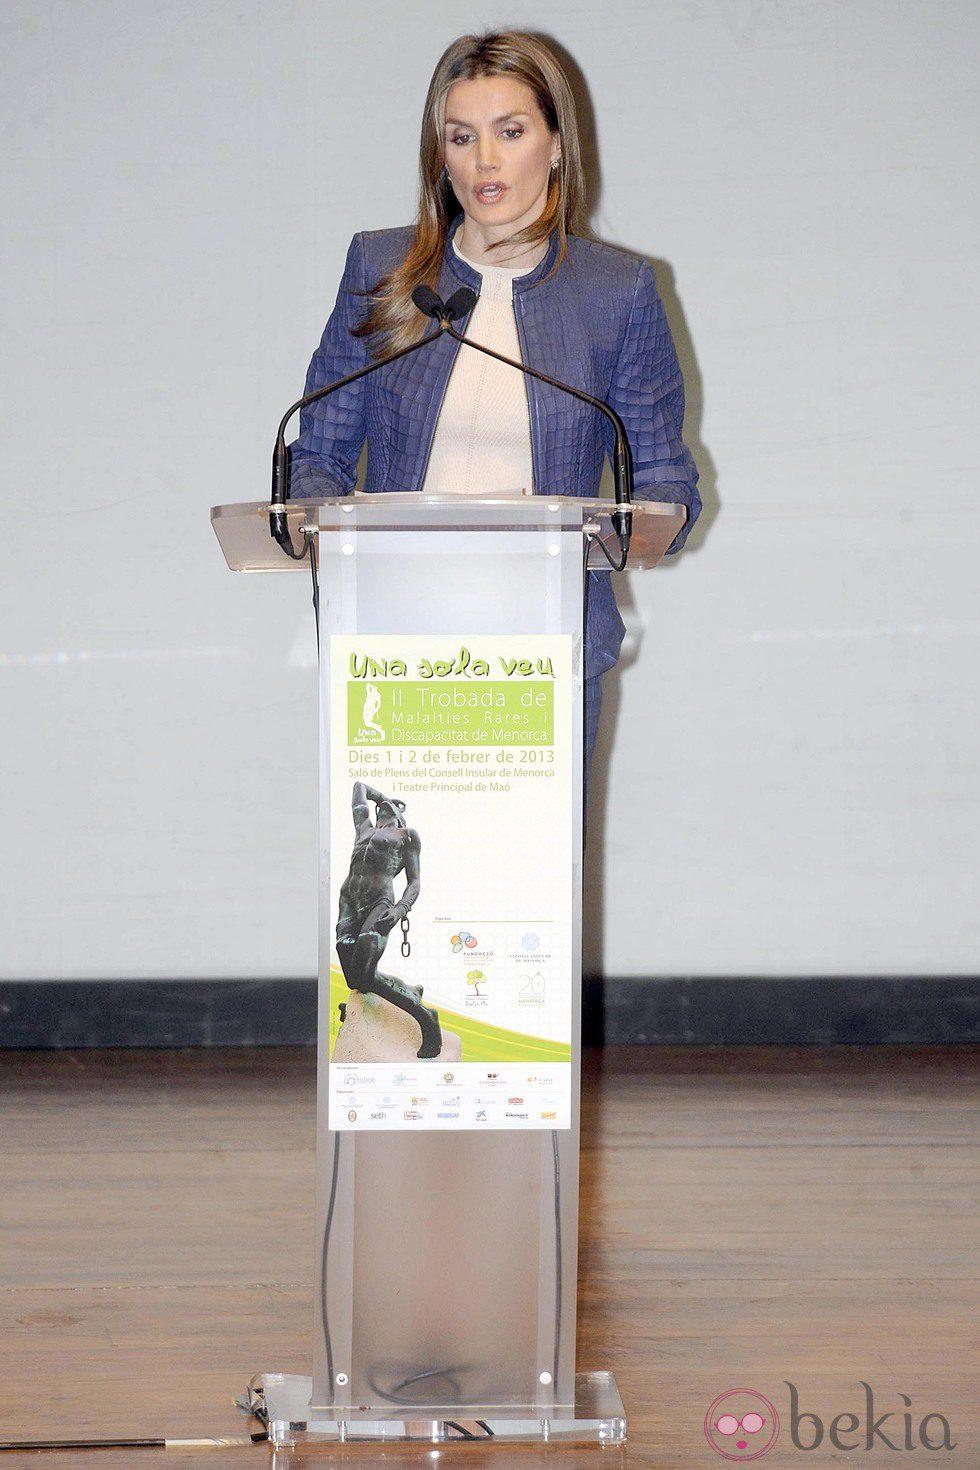 La Princesa de Asturias en la Inauguración del Encuentro de Enfermedades Raras y Discapacidad